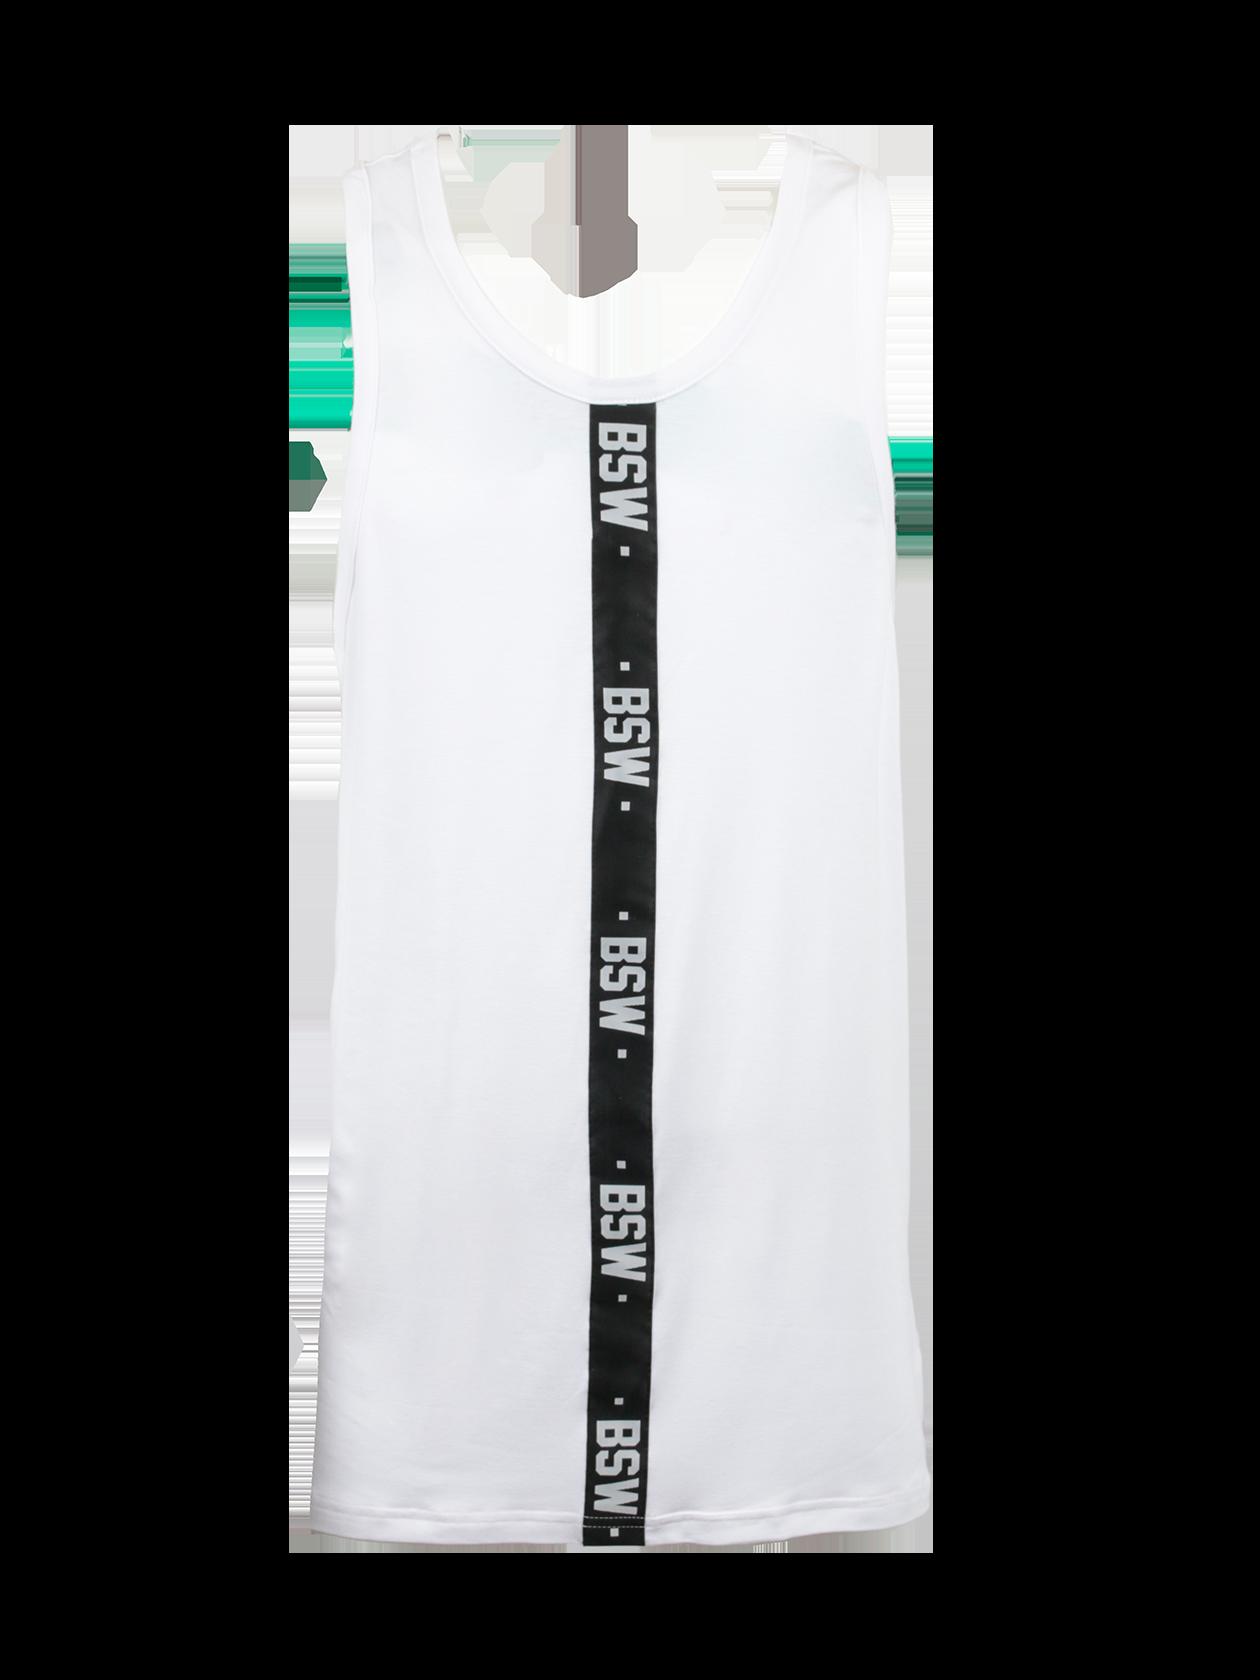 Майка мужская HARAJUKU 2.0Стильная мужская майка Harajuku 2.0 поможет разнообразить повседневный лук. Модель спортивного типа обладает прямым свободным кроем, удлиненным силуэтом. Изделие представлено в базовых белой и черной расцветках, отлично сочетающихся с всевозможной одеждой и обувью. Дизайн дополнен черными вертикальными вставками с надписями BSW, оформленными по центру фронтальной и тыльной стороны. Майка сшита из натурального хлопка премиального качества, идеально подходит для спорта и отдыха.<br><br>Размер: L<br>Цвет: Белый<br>Пол: Мужской